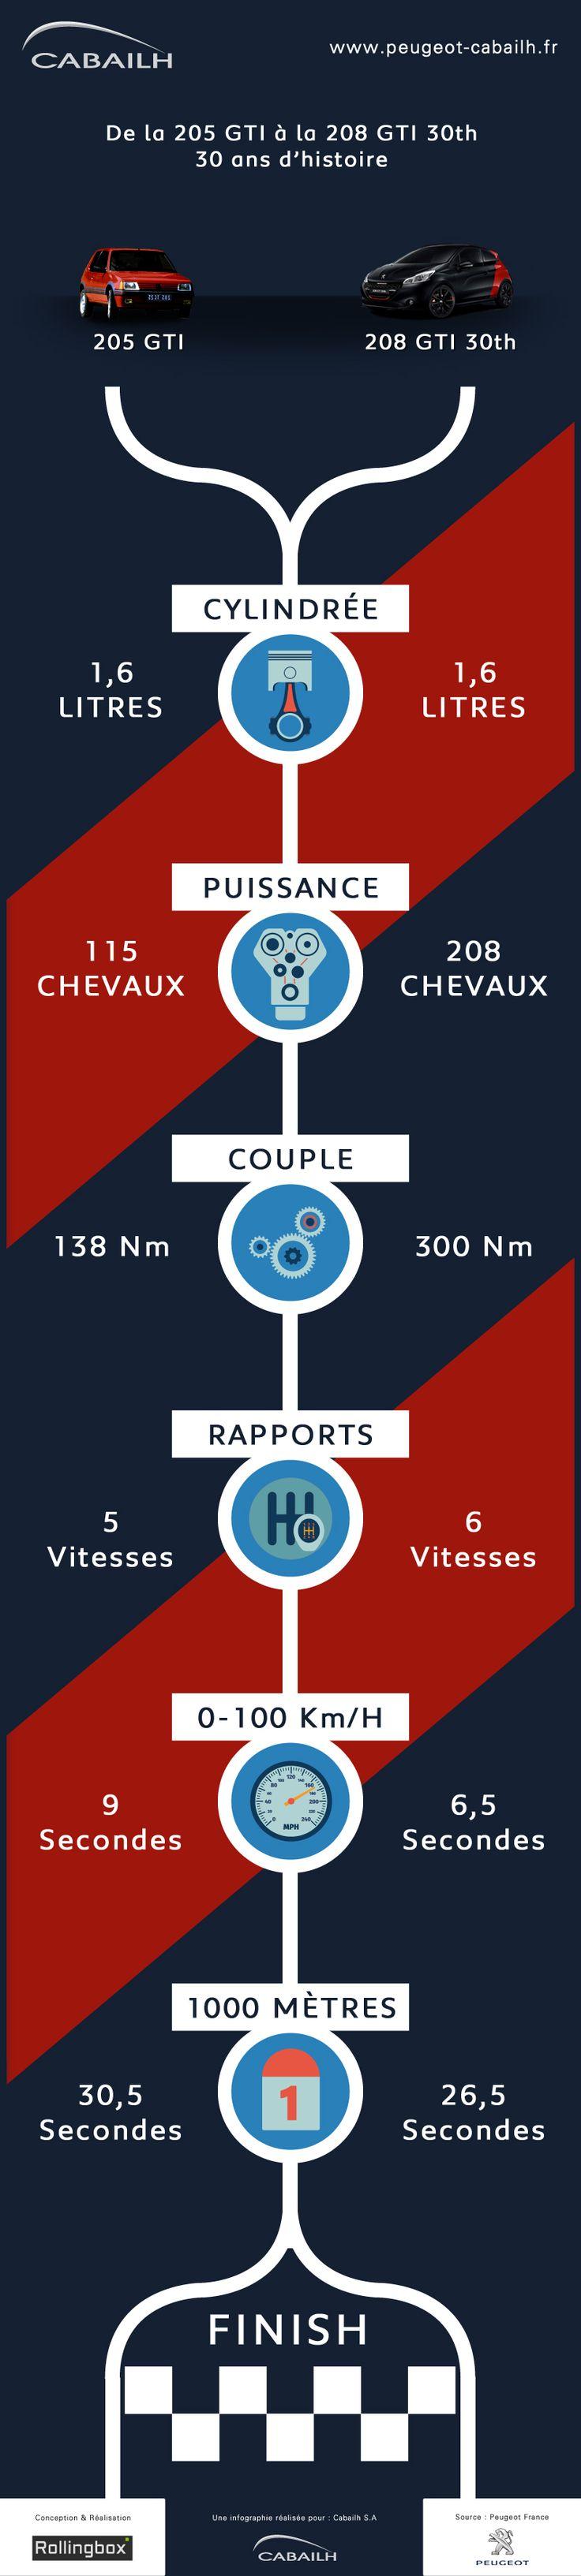 La concession Peugeot Cabailh de Plaisir (78) vous propose une infographie…